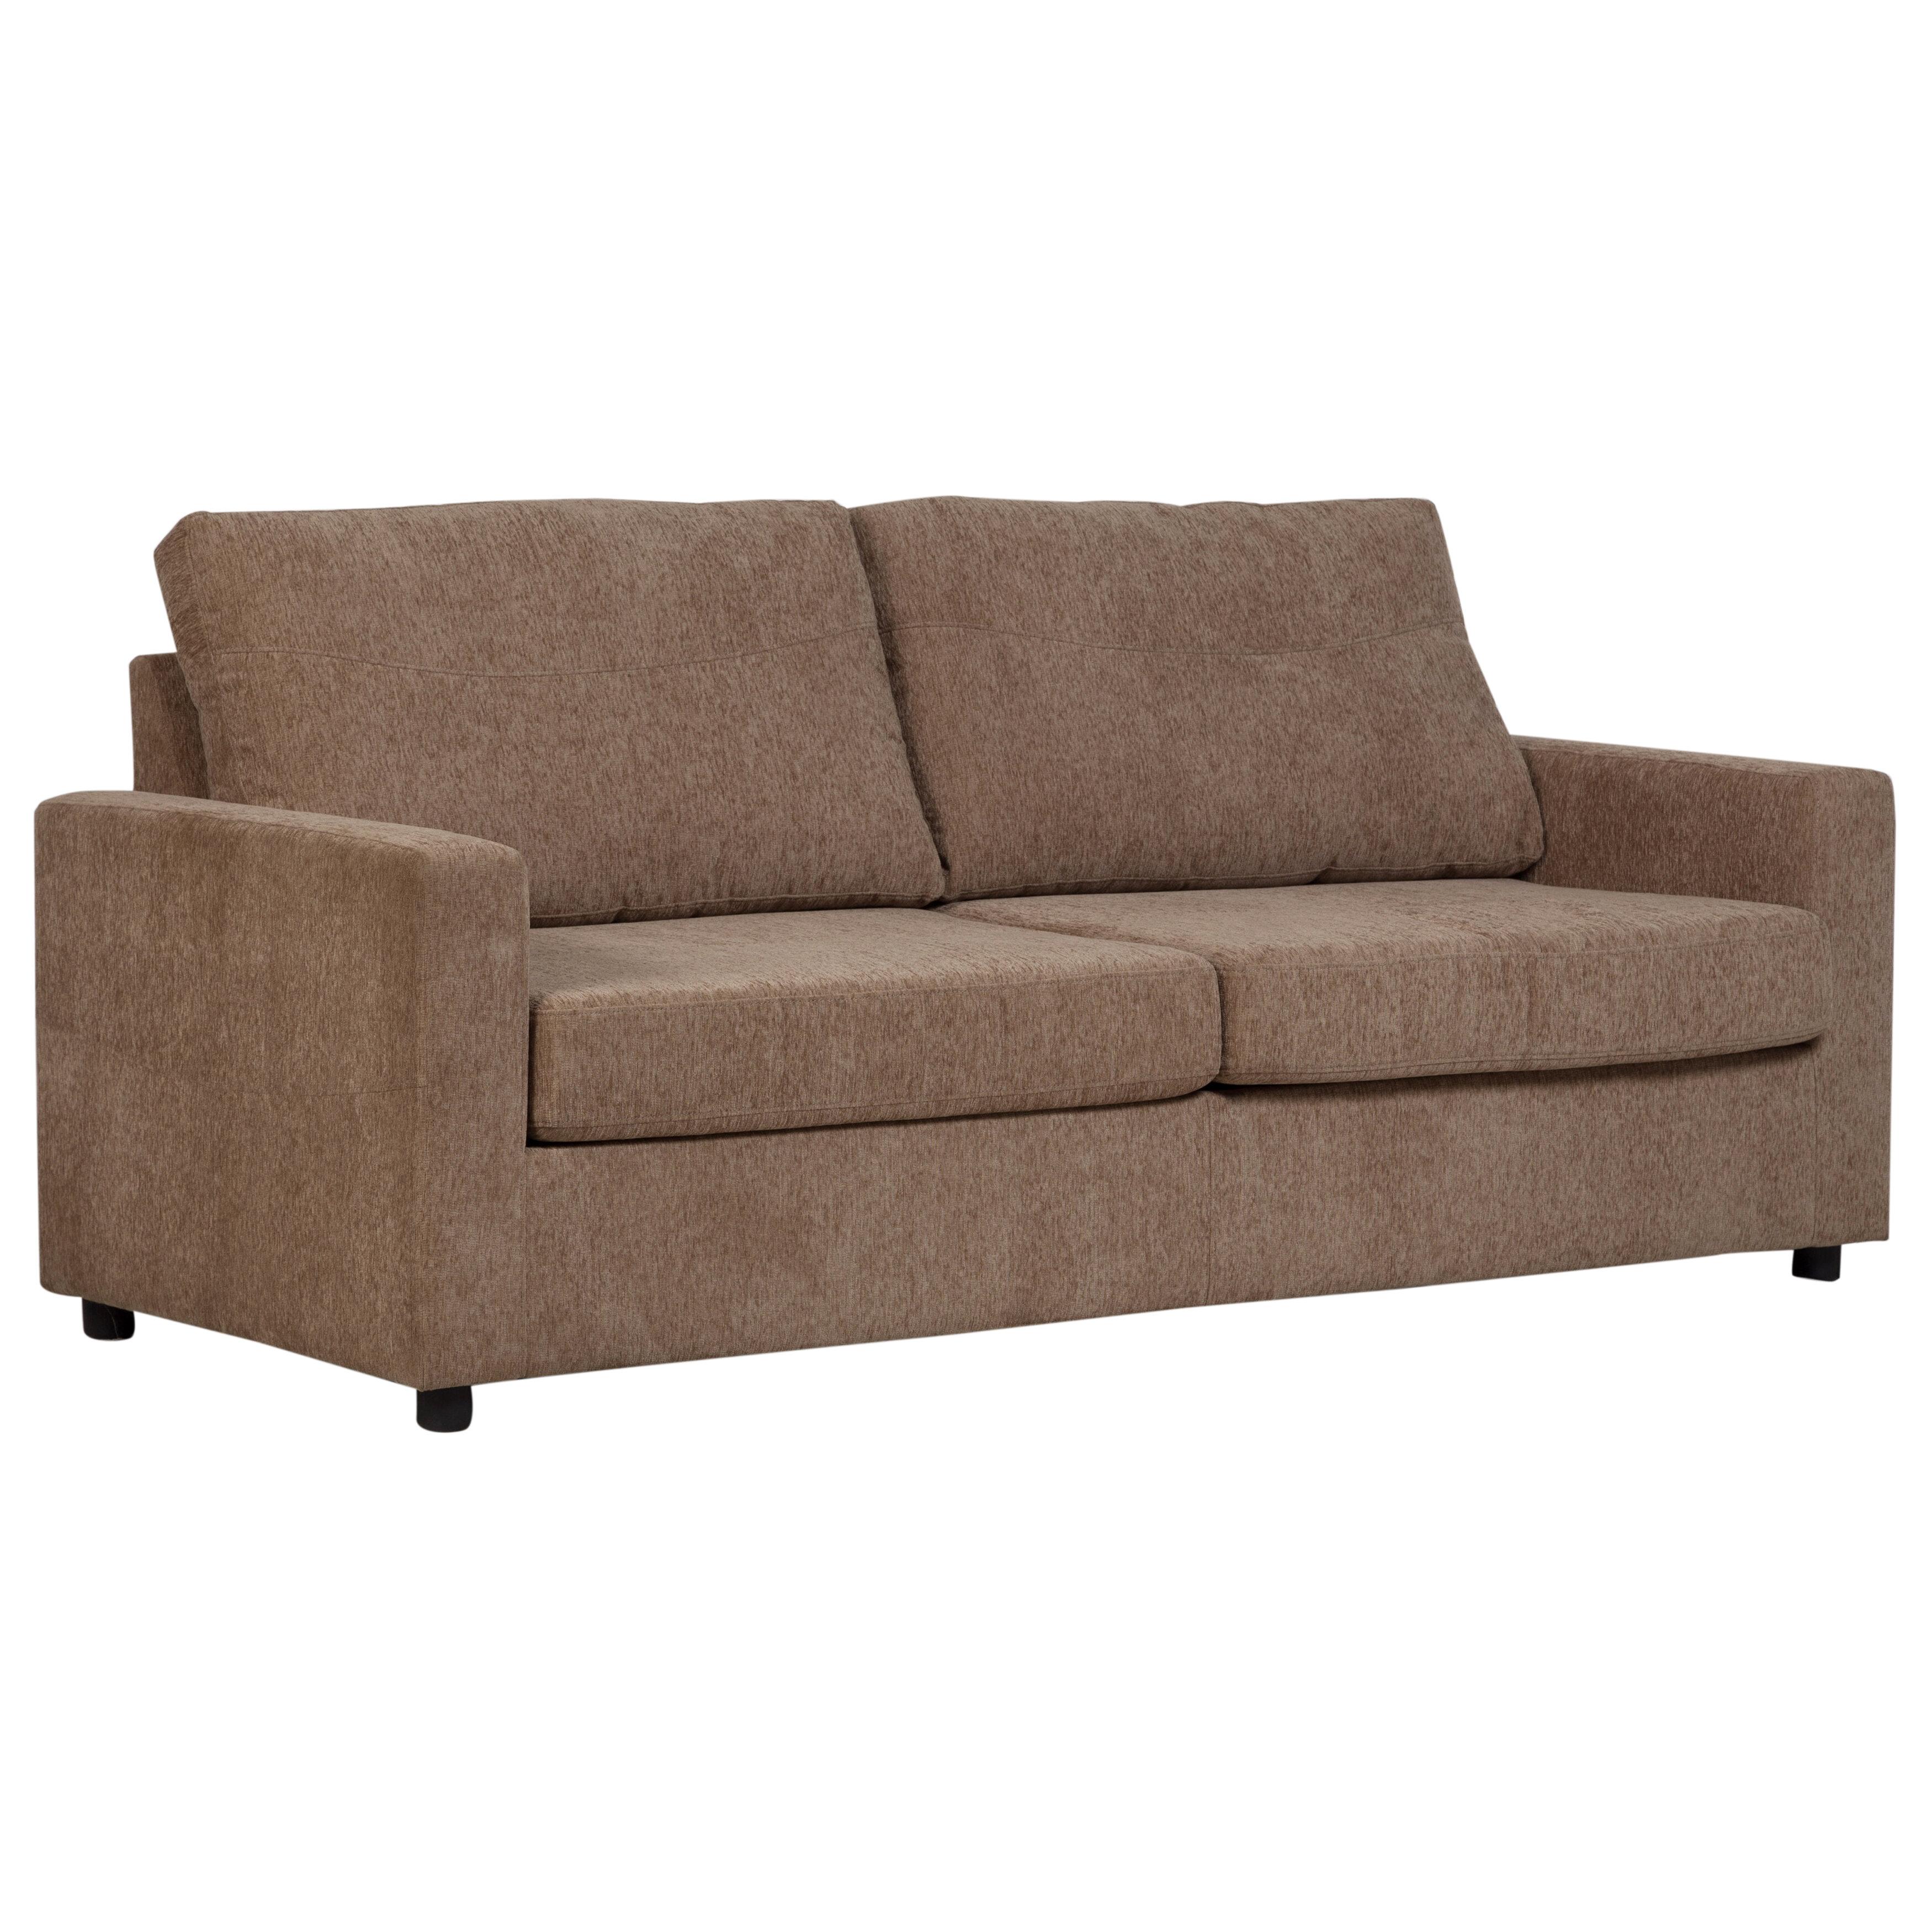 Laude Run Preetesh Memory Foam Sofa